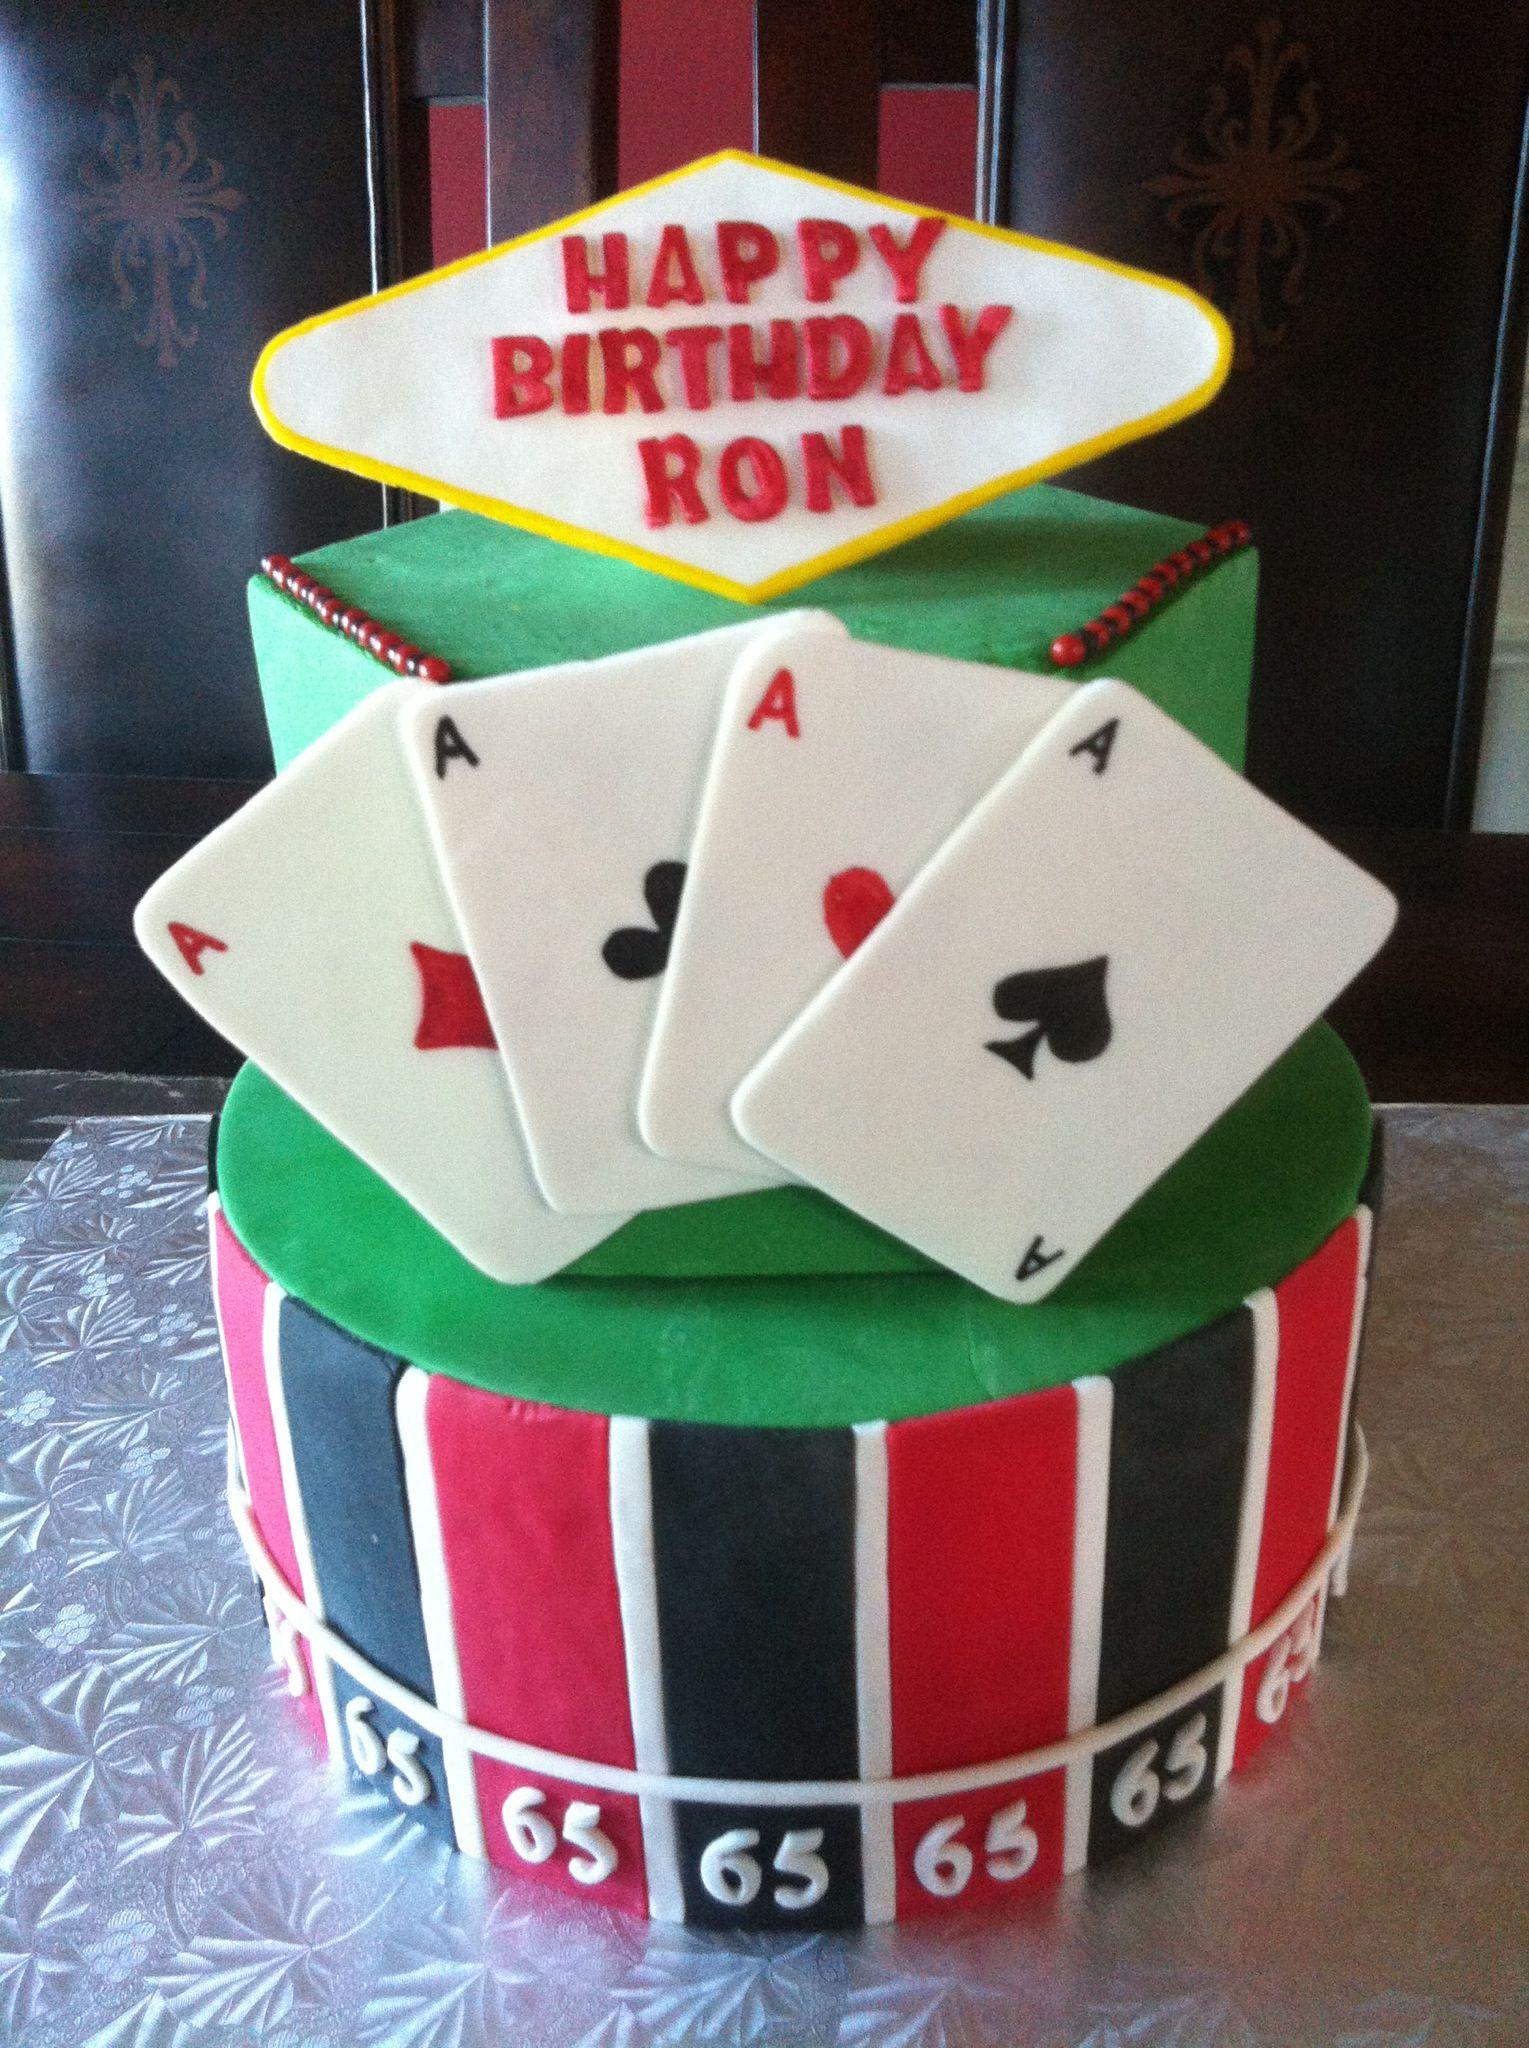 Birthday Cakes Pastry Palace Las Vegas Cake 1214 Blackjack